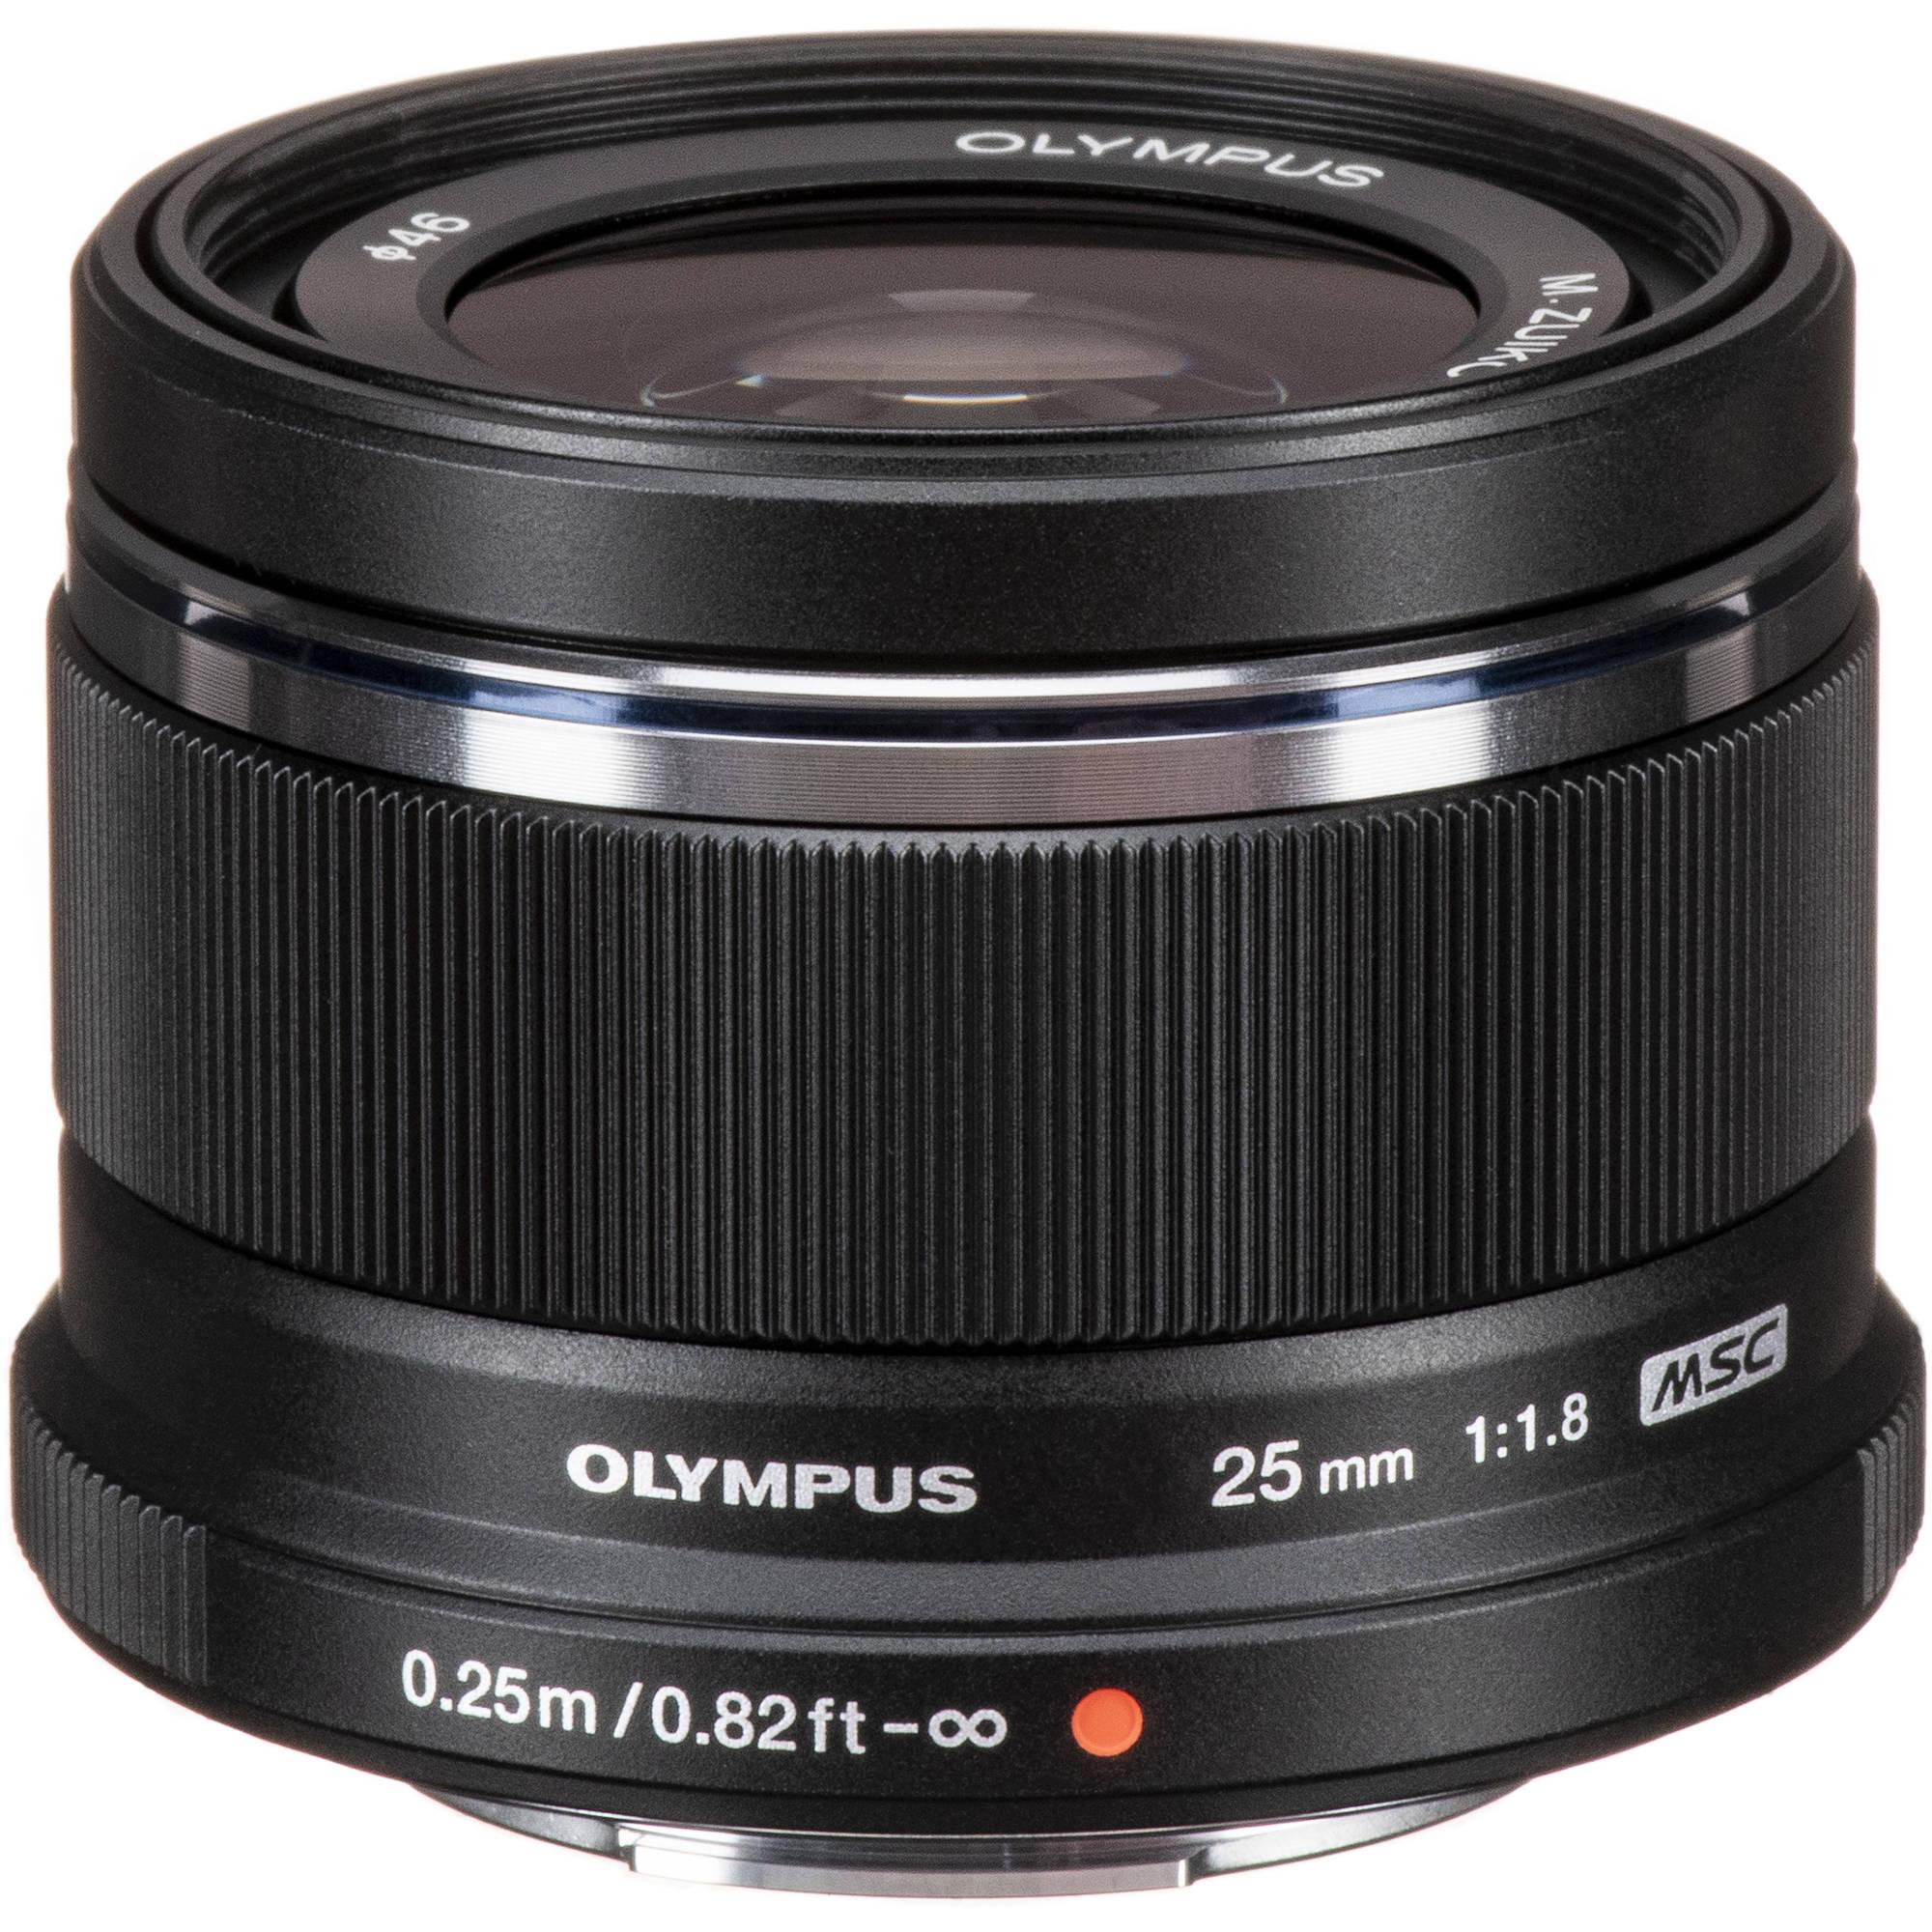 Obiektyw Olympus 25mm 1.8 M.ZUIKO (1199zł - 350zł cashback = 849zł)